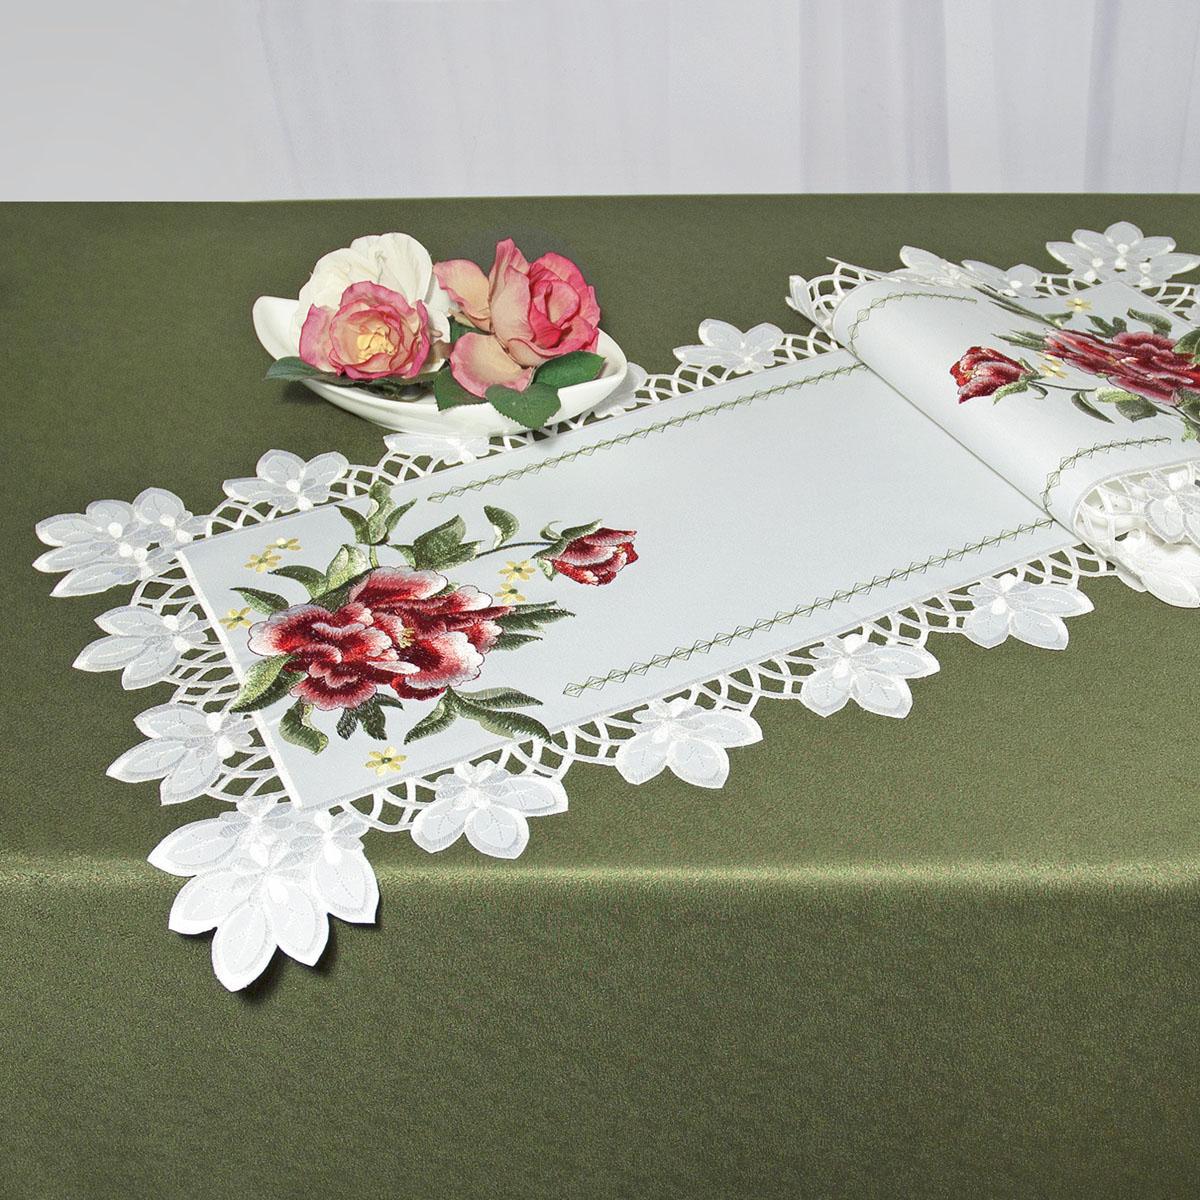 Дорожка для декорирования стола Schaefer, прямоугольная, цвет: белый, красный, 40 x 110 см 07481-23361709Дорожка Schaefer выполнена из высококачественного полиэстера и украшена вышитыми рисунками в виде цветов. Края дорожки оформлены в технике ришелье. Вы можете использовать дорожку для декорирования стола, комода или журнального столика.Благодаря такой дорожке вы защитите поверхность мебели от воды, пятен и механических воздействий, а также создадите атмосферу уюта и домашнего тепла в интерьере вашей квартиры. Изделия из искусственных волокон легко стирать: они не мнутся, не садятся и быстро сохнут, они более долговечны, чем изделия из натуральных волокон.Изысканный текстиль от немецкой компании Schaefer - это красота, стиль и уют в вашем доме. Дорожка органично впишется в интерьер любого помещения, а оригинальный дизайн удовлетворит даже самый изысканный вкус. Дарите себе и близким красоту каждый день!